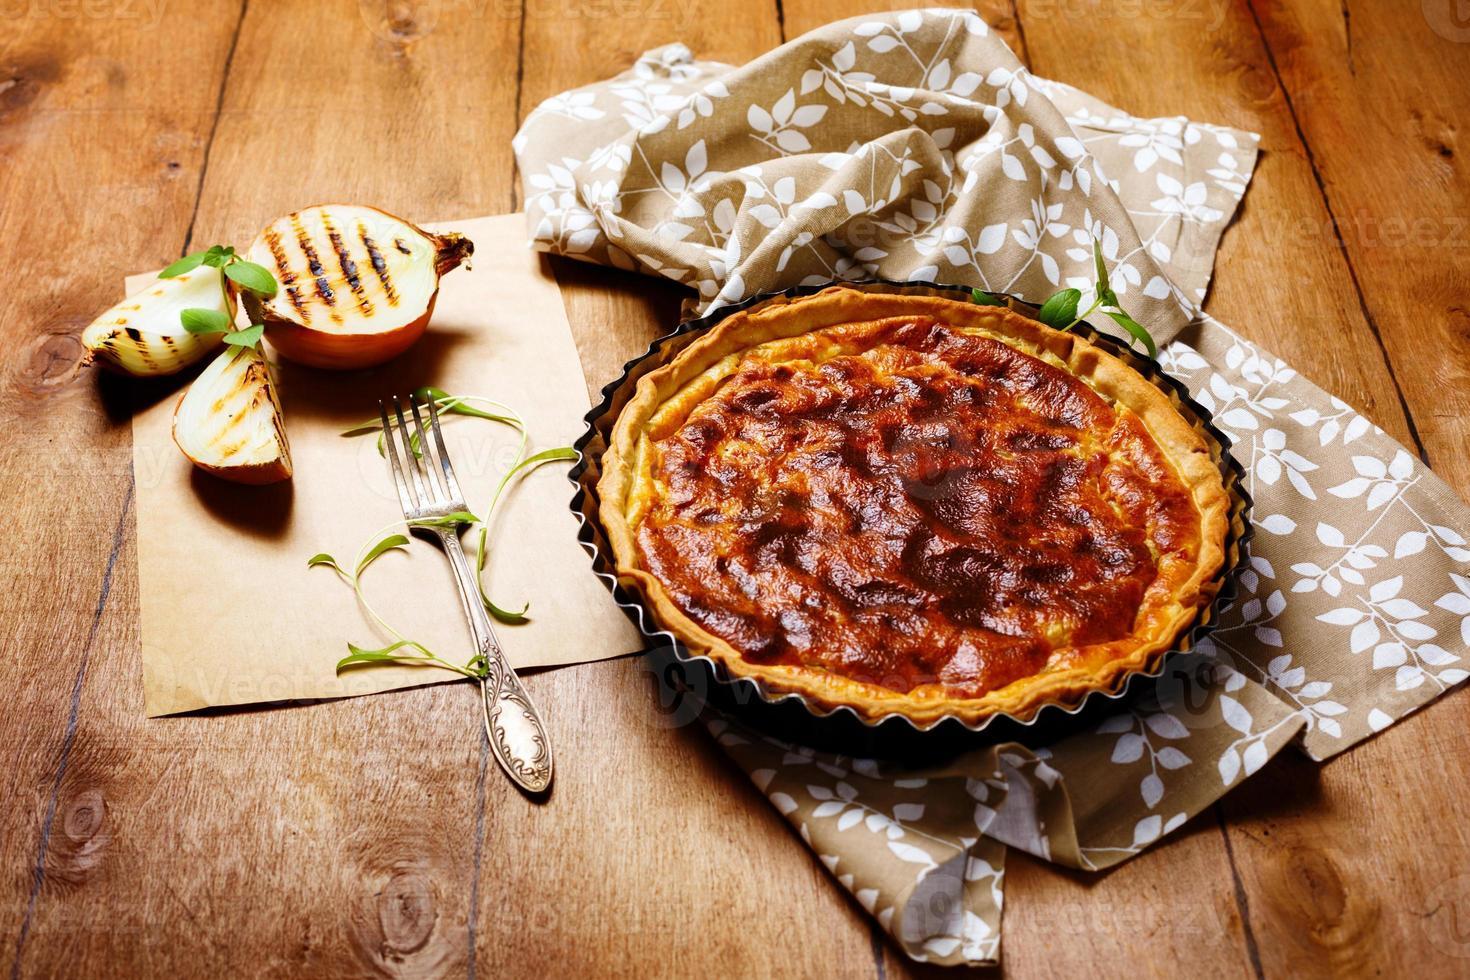 torta de cebola ou torta servida com cebola grelhada foto